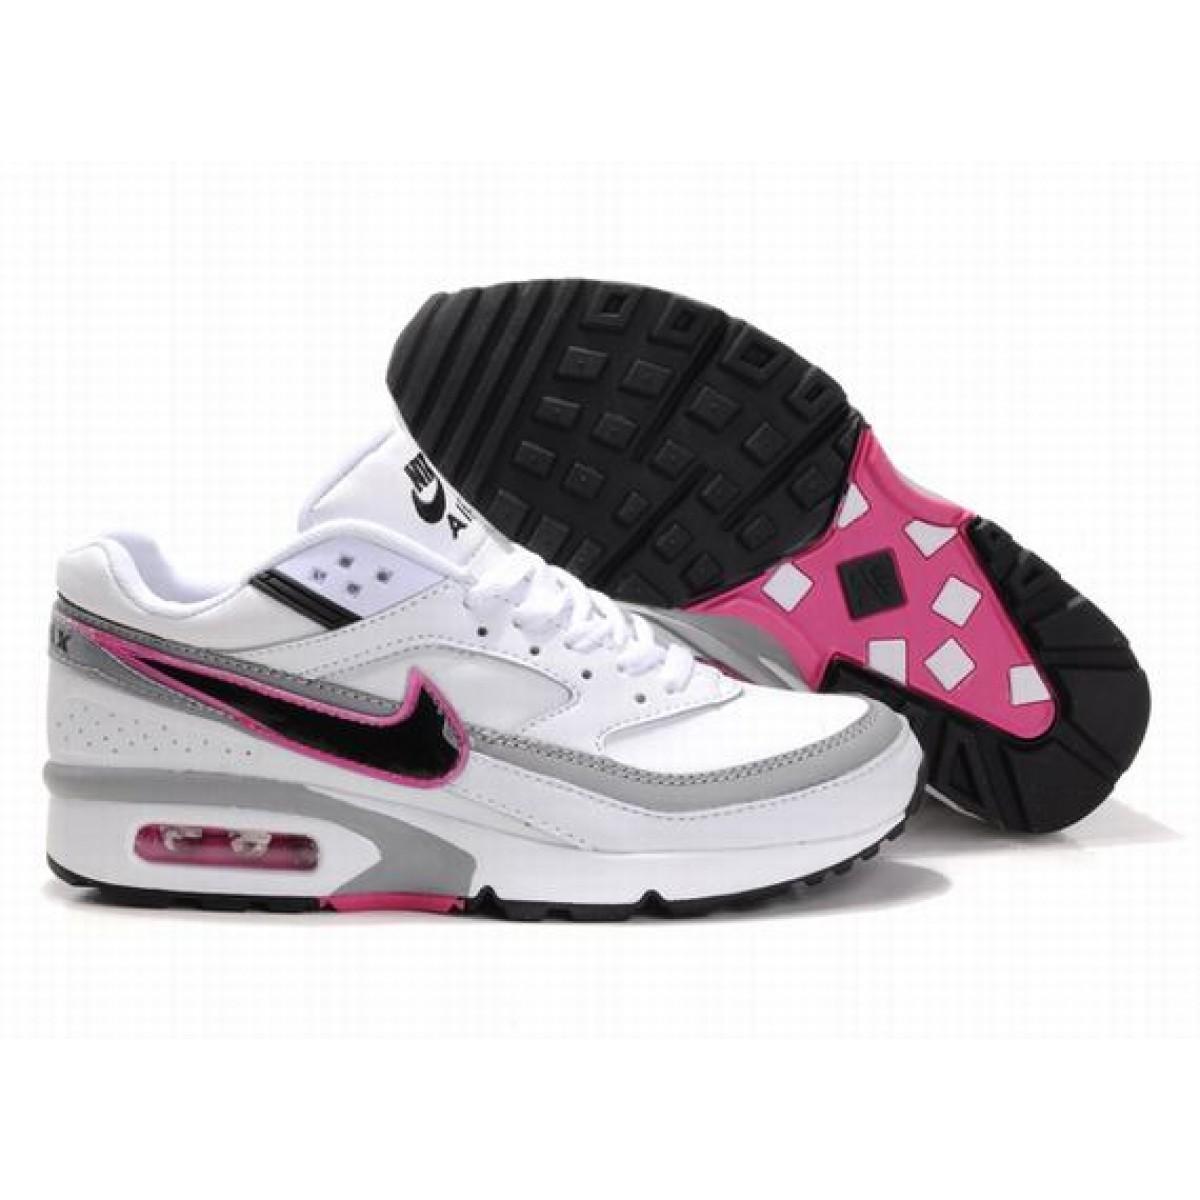 air max bw classic femme pas cher,Achat Vente produits Nike Air Max Classic BW Femme